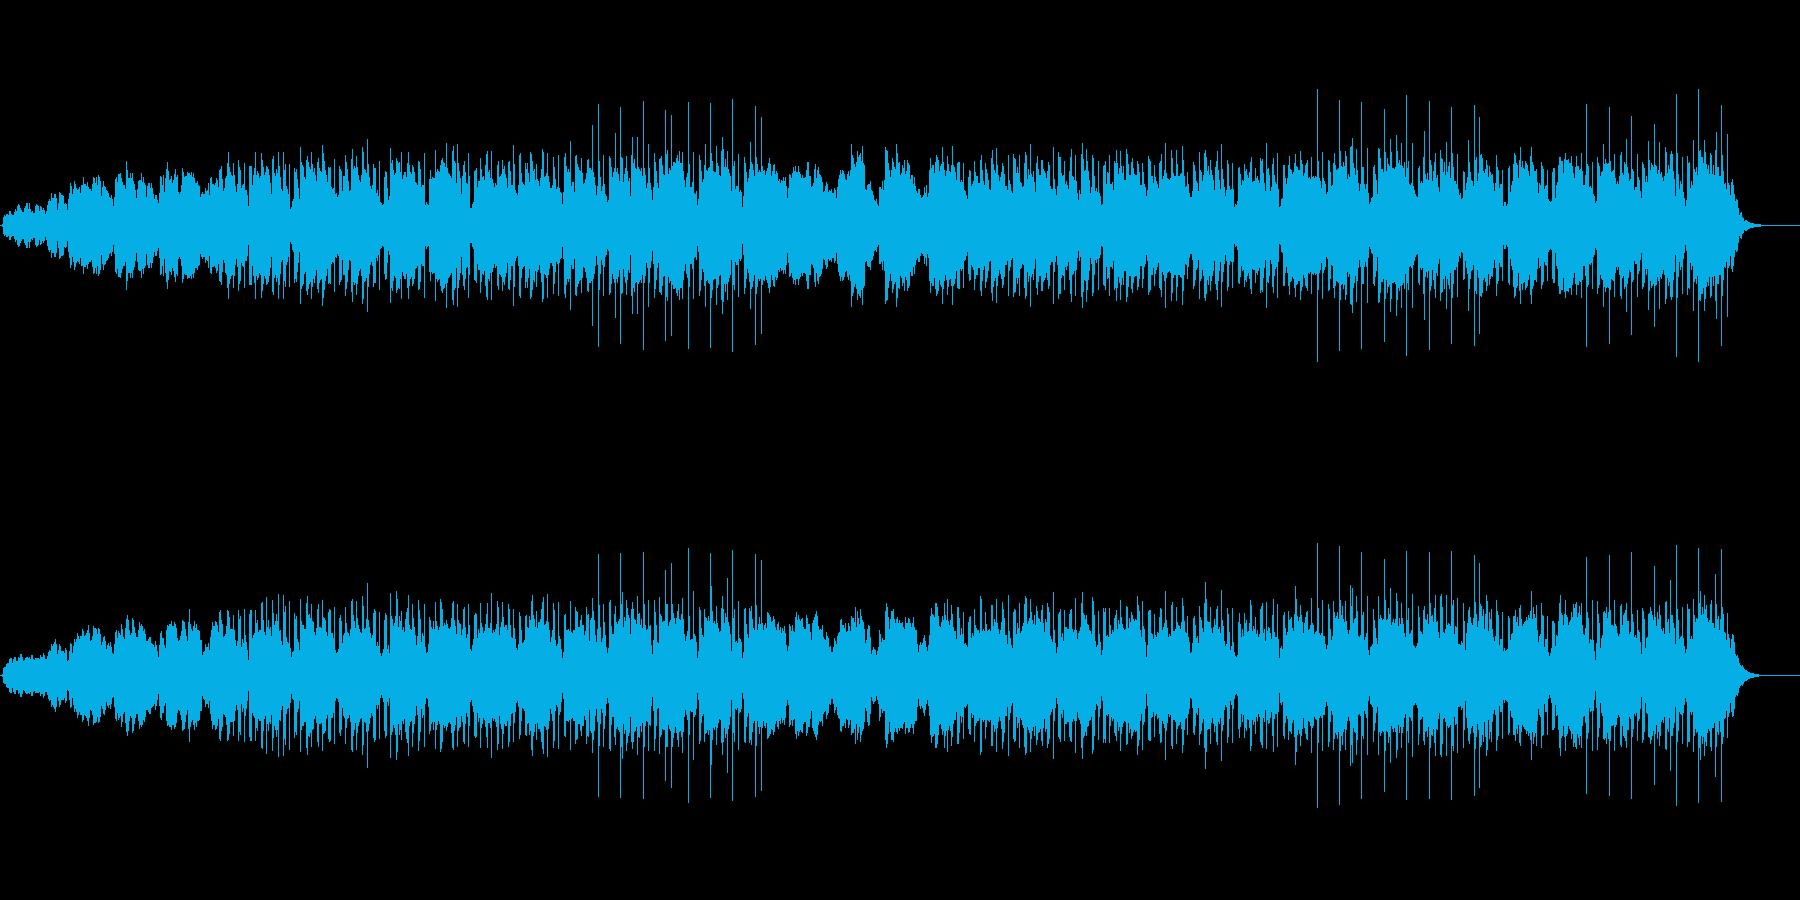 機械仕掛けな日常を表したテクノポップの再生済みの波形